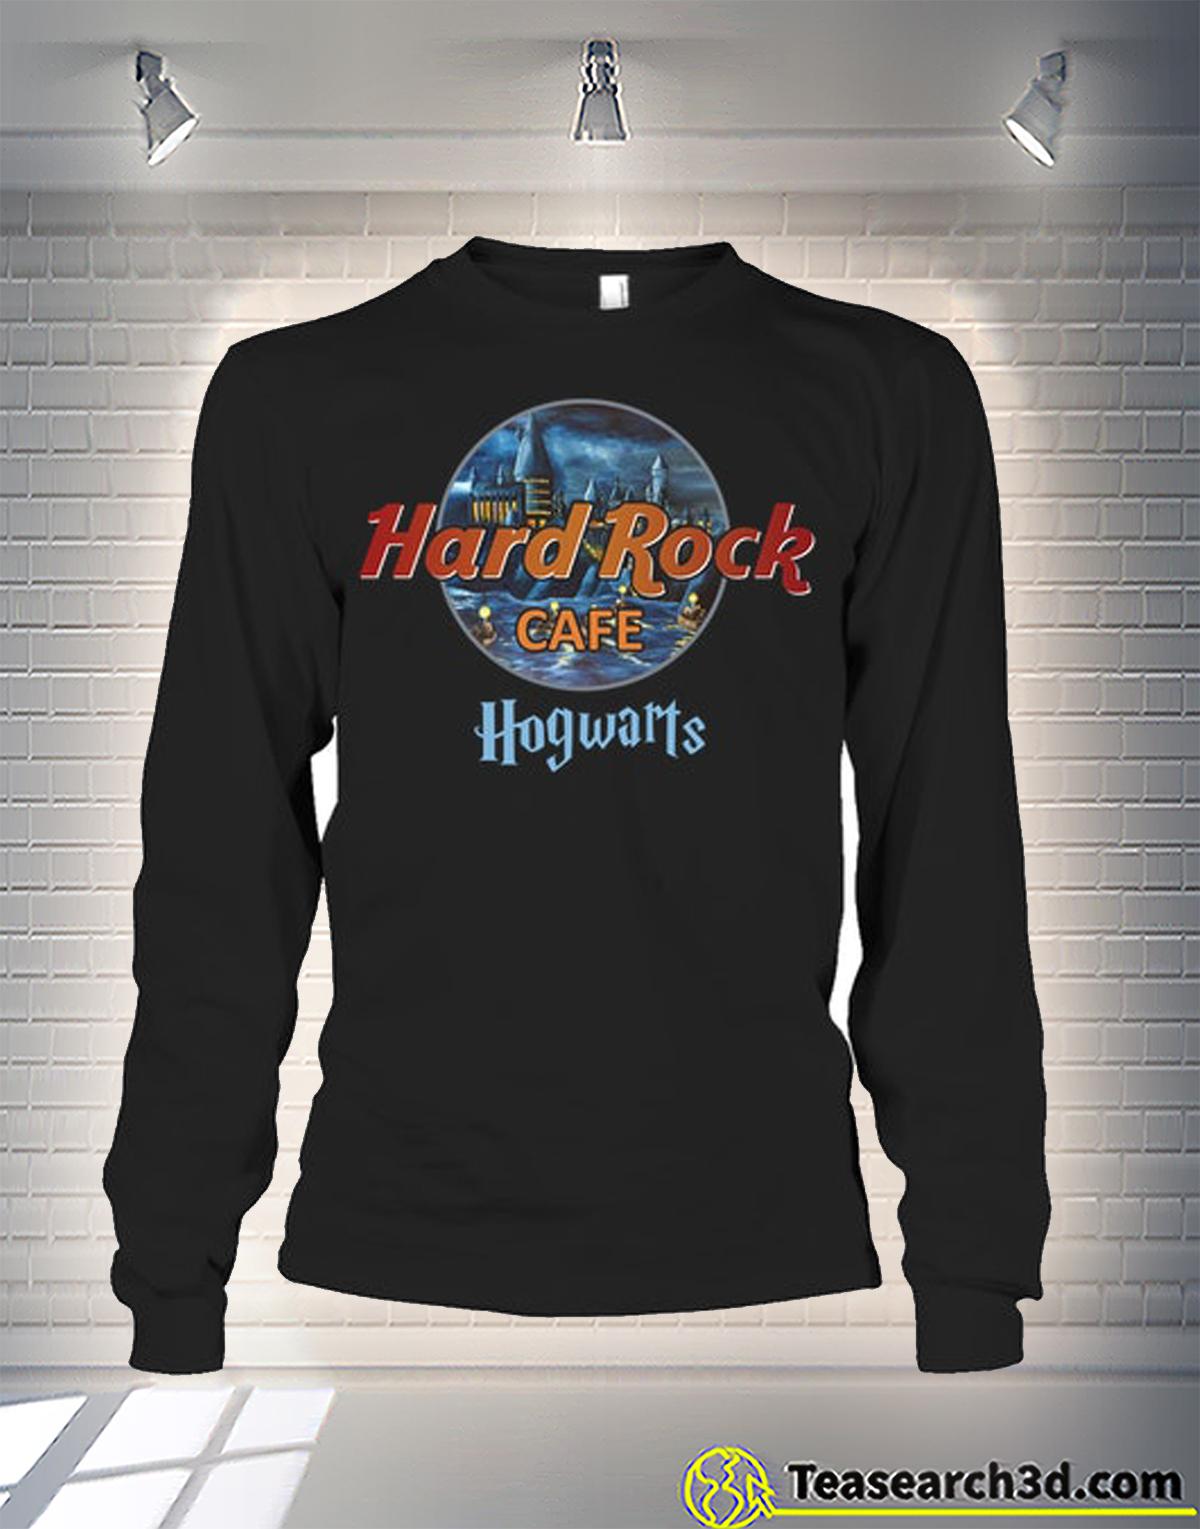 Hard rock cafe hogwarts long sleeve